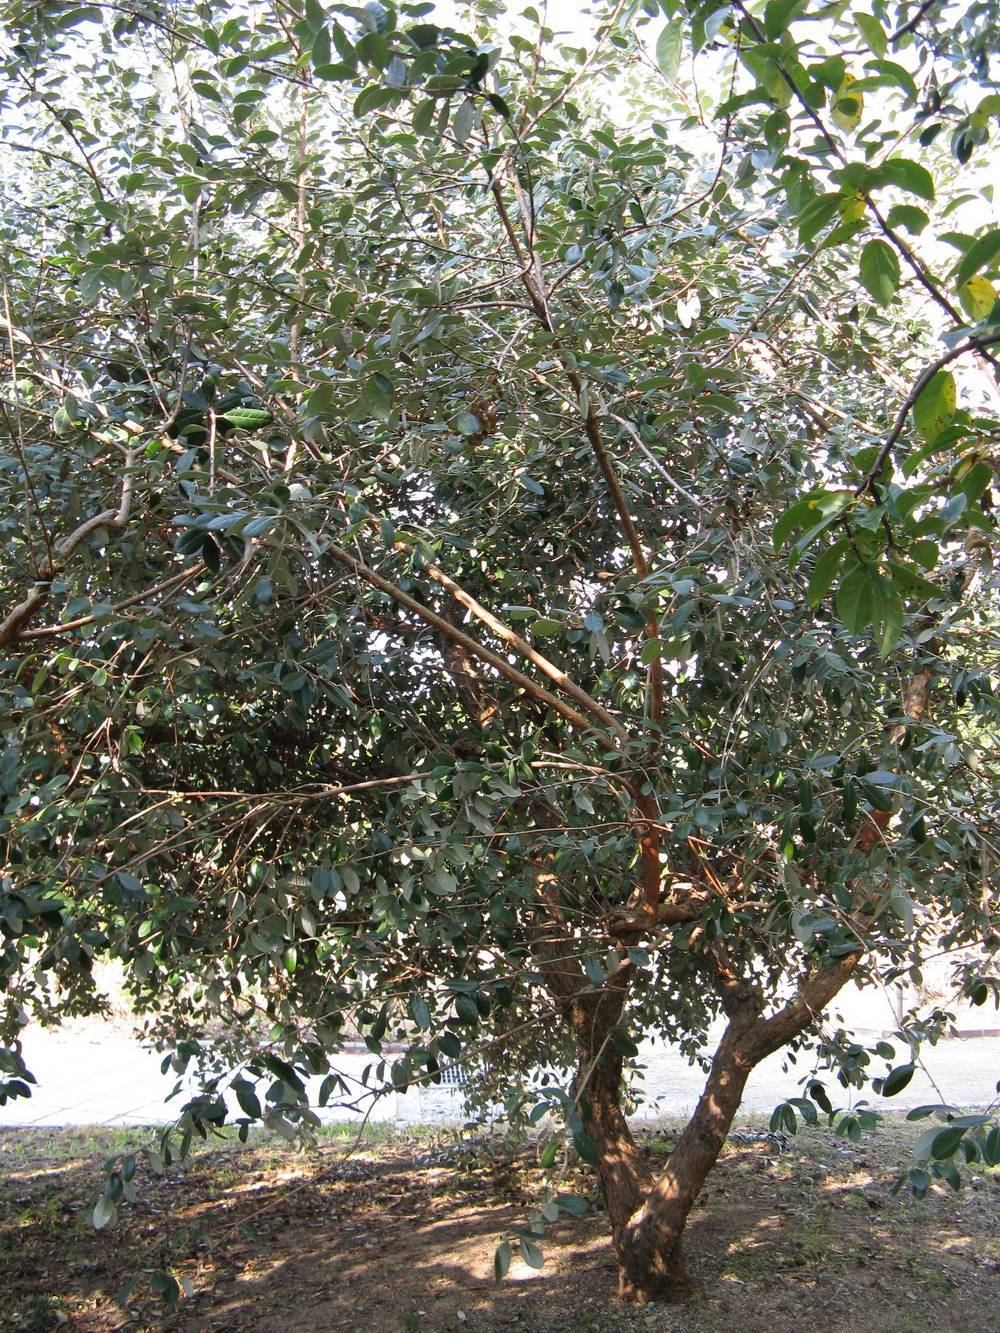 Дерево фейхоа: фото и описание растения, условия выращивания и уход за фейхоа